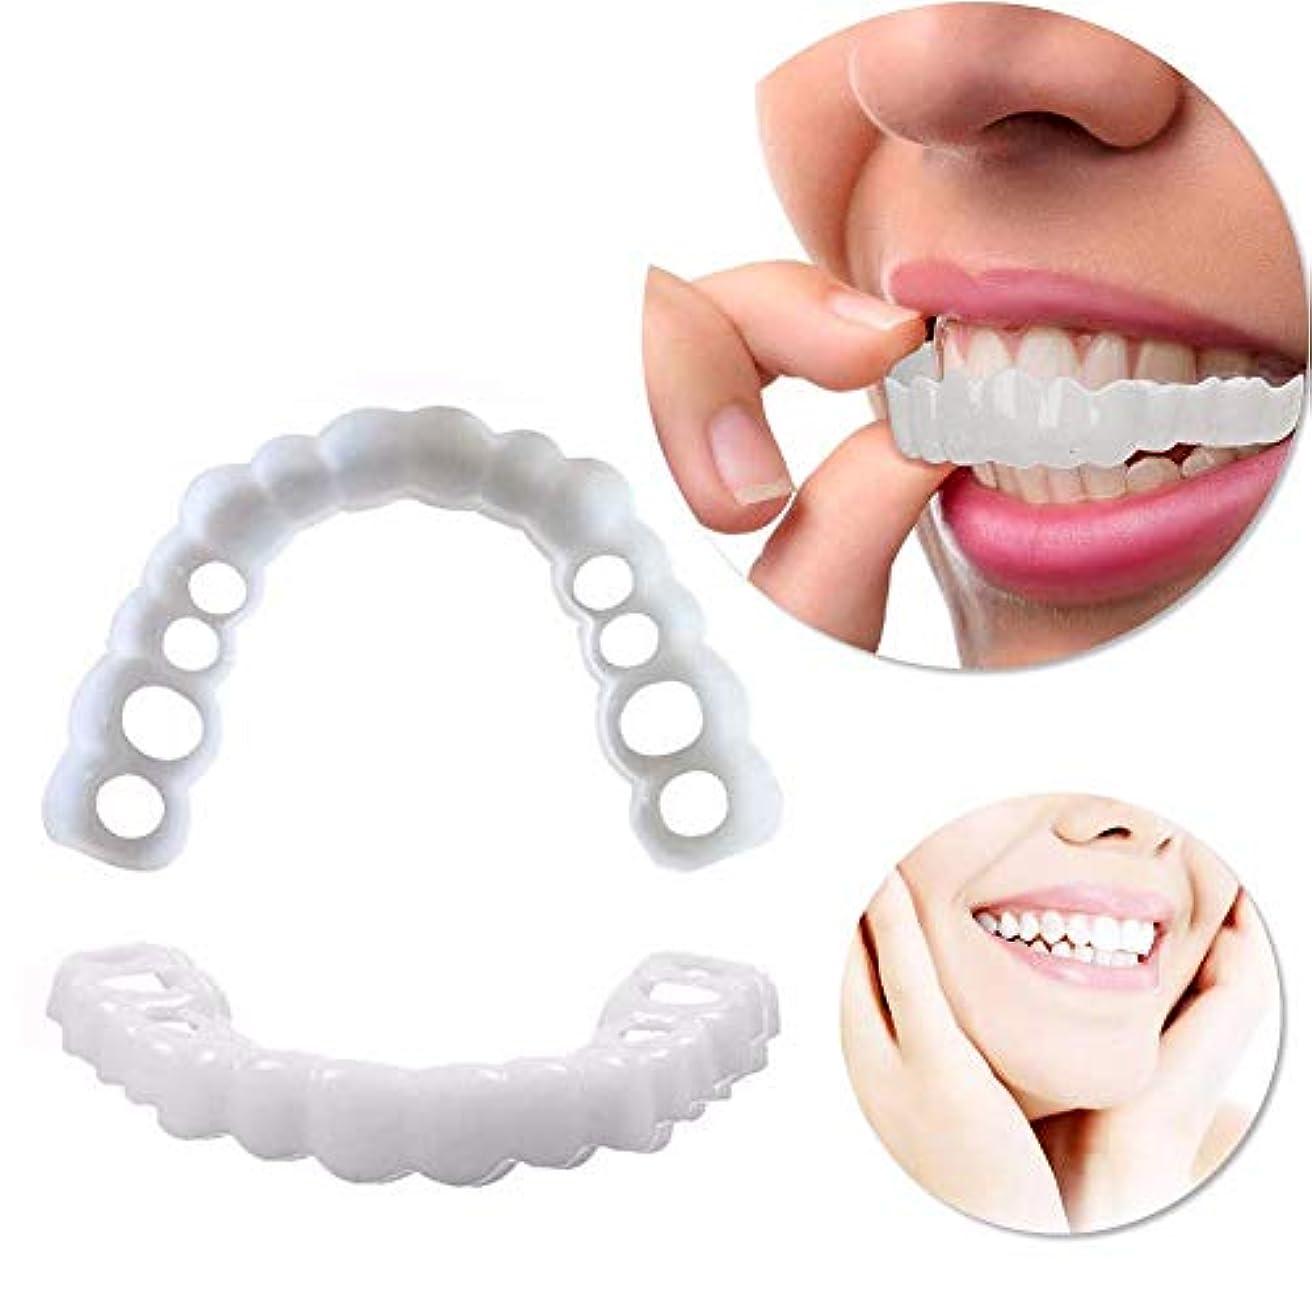 持参モス連邦義歯安全インスタントスマイル化粧品ノベルティ歯 - ワンサイズが一番フィット,6Pairs